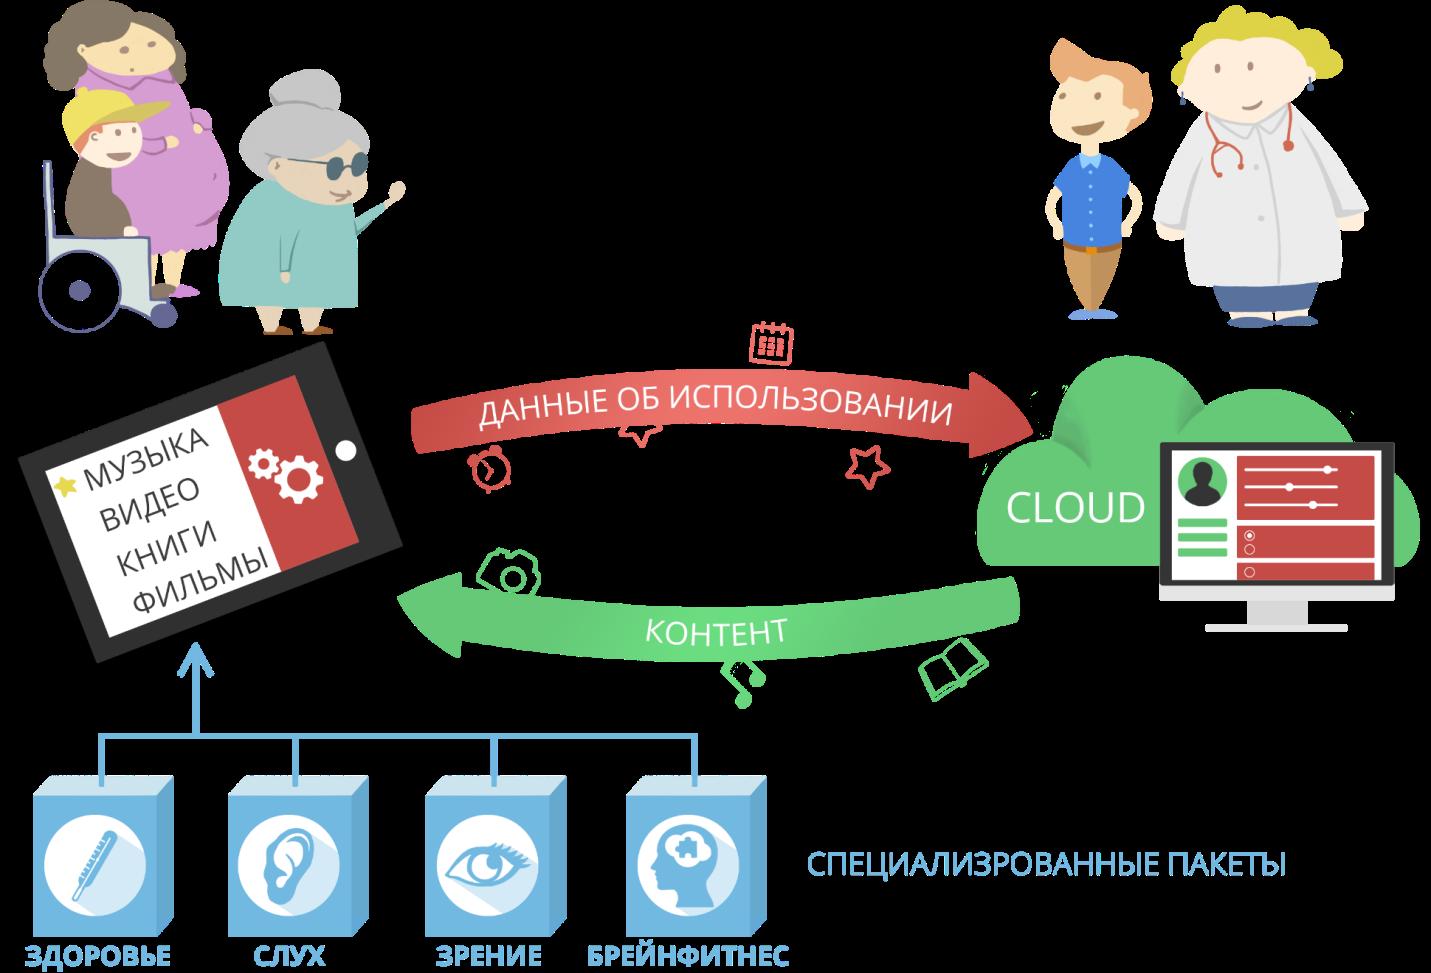 Концепция «ИТ для пожилых». Интерес IBM и Apple к теме обеспечения пожилых планшетами - 3